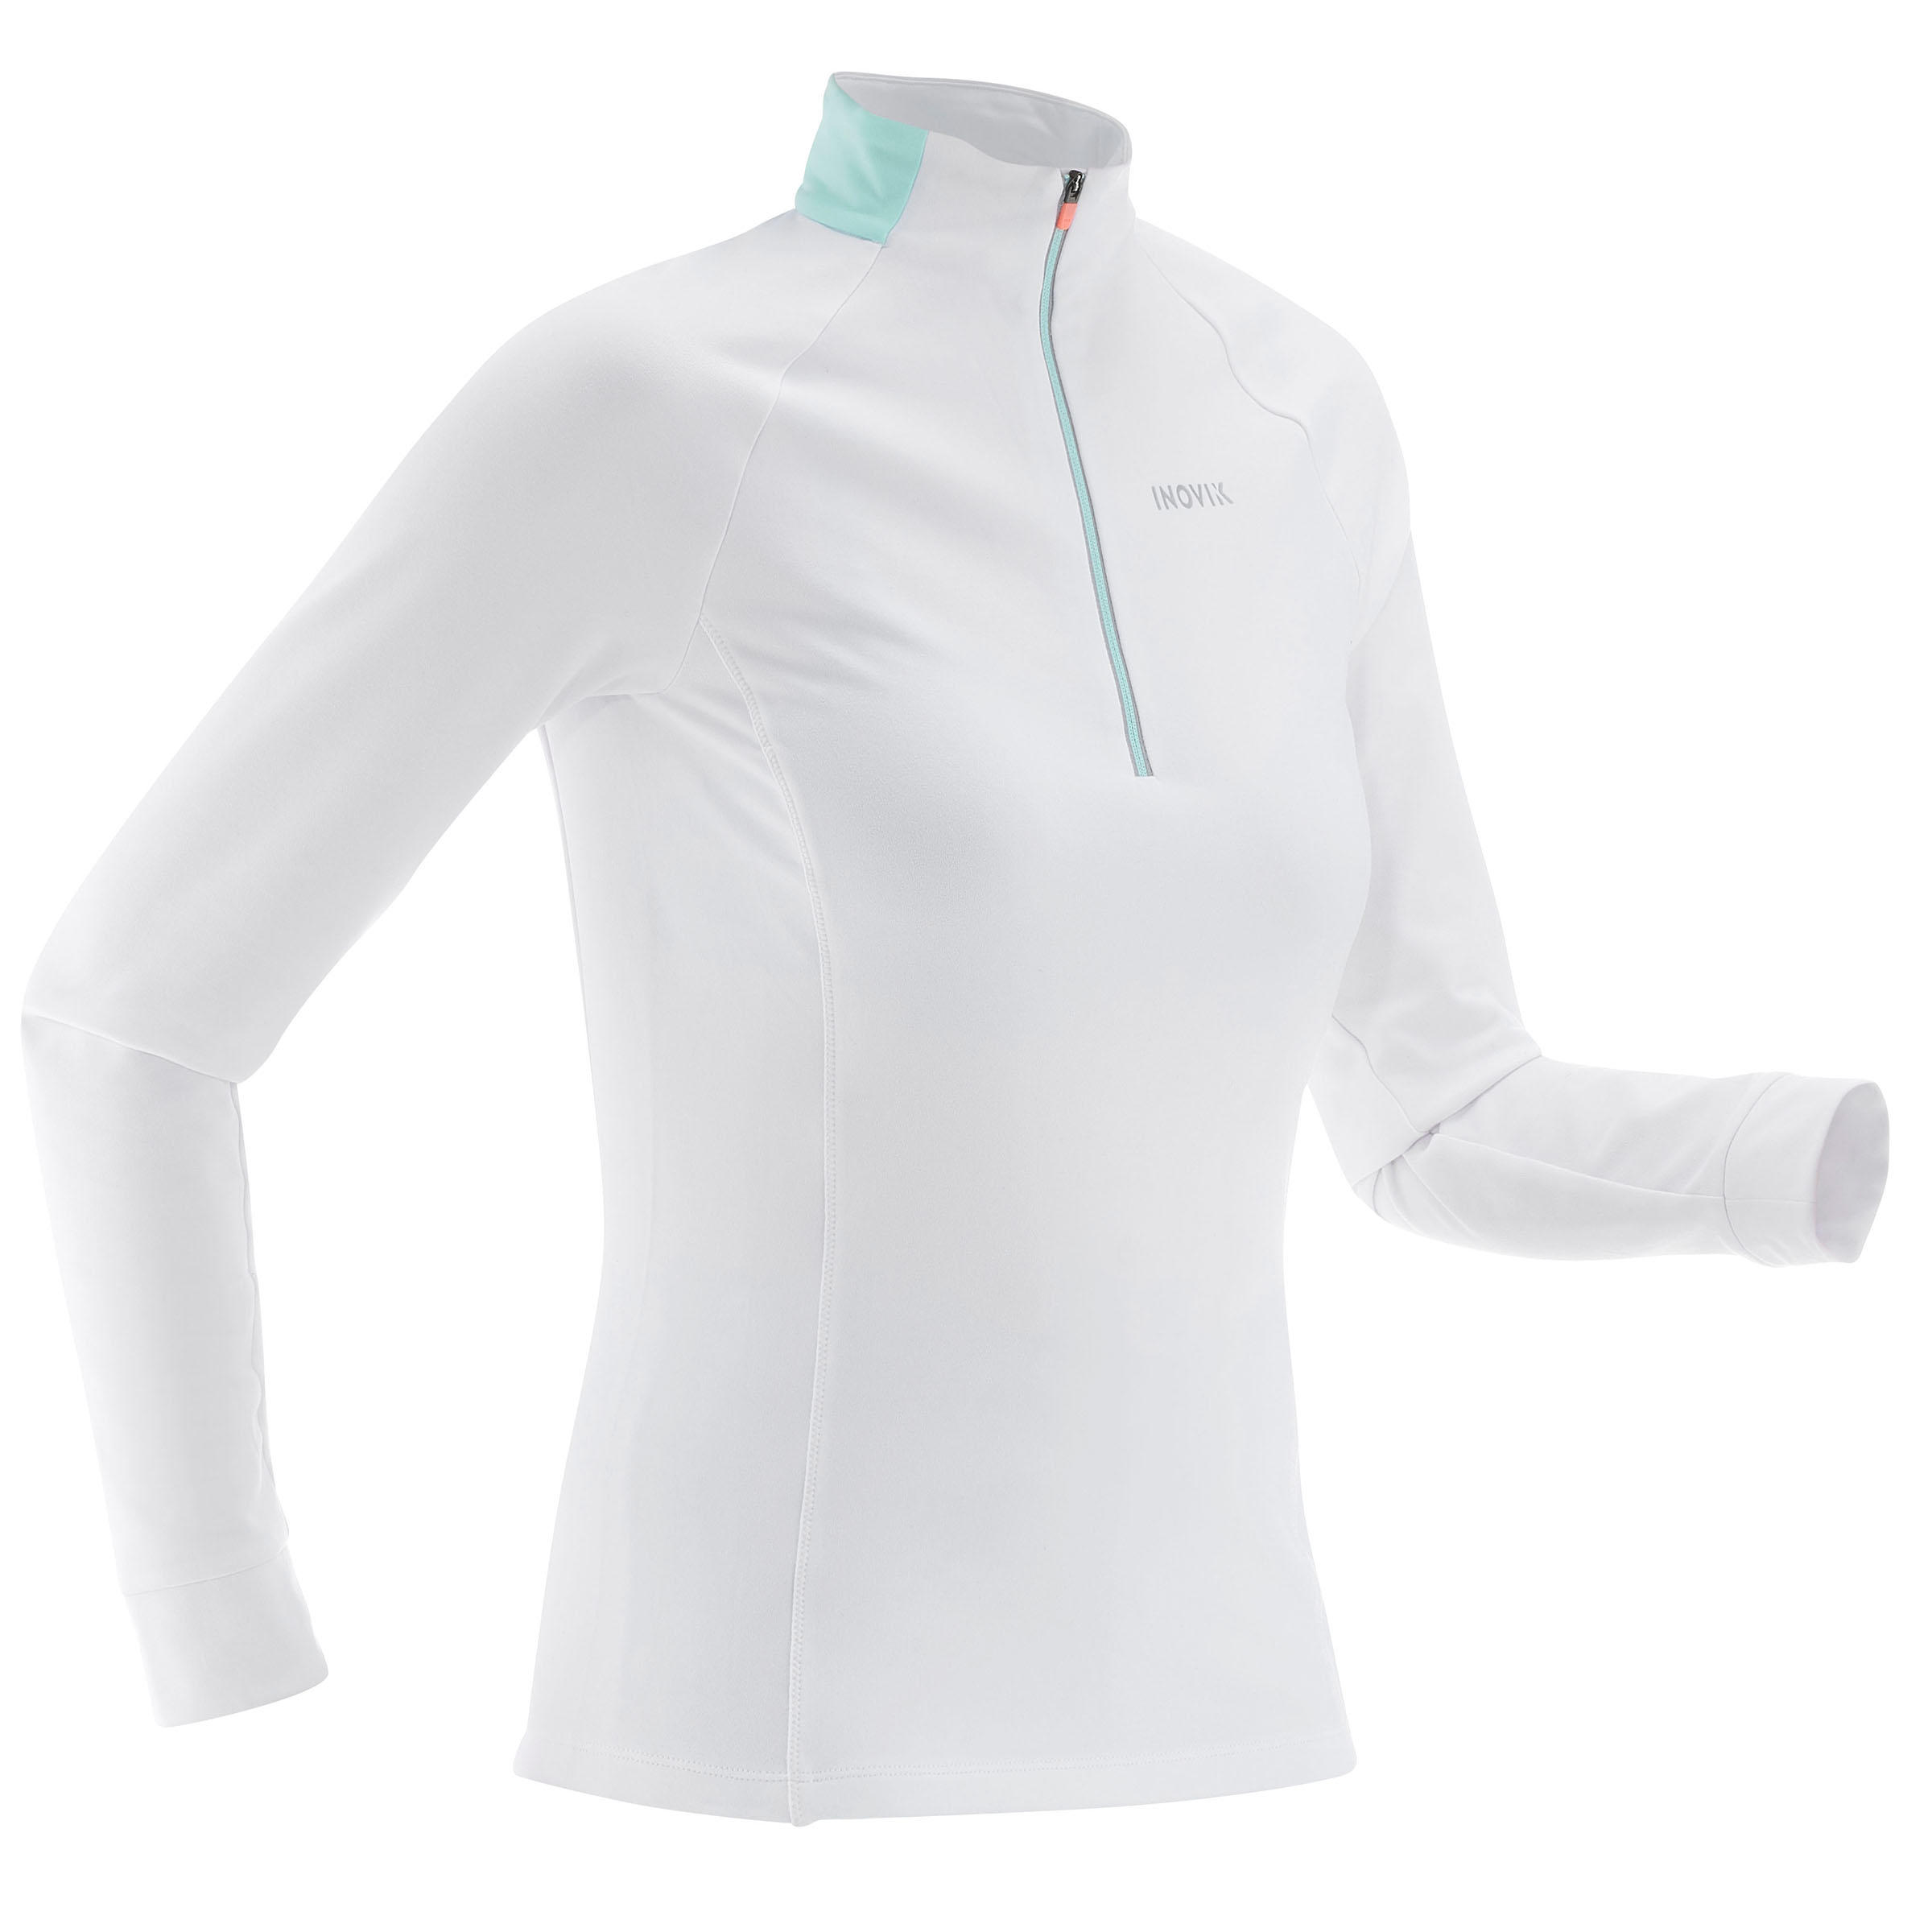 T-shirt chaud de ski de fond femme XC S T-S 100 blanc